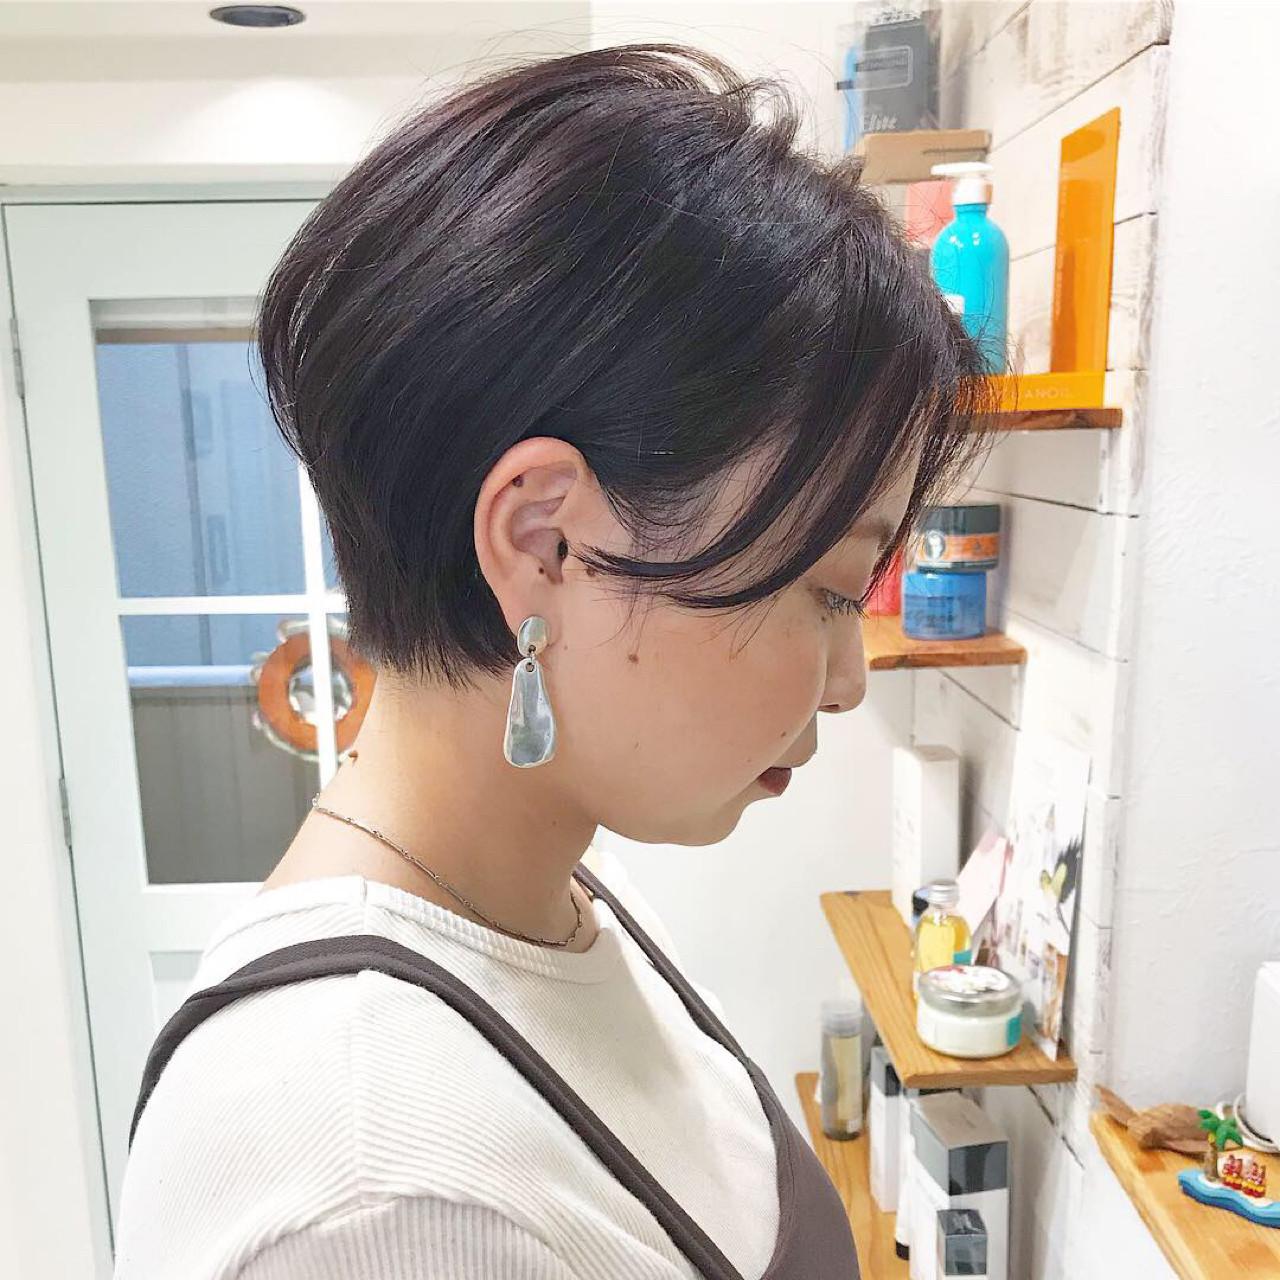 小顔 ナチュラル 似合わせ ショート ヘアスタイルや髪型の写真・画像 | 溝口優人 / Coast.